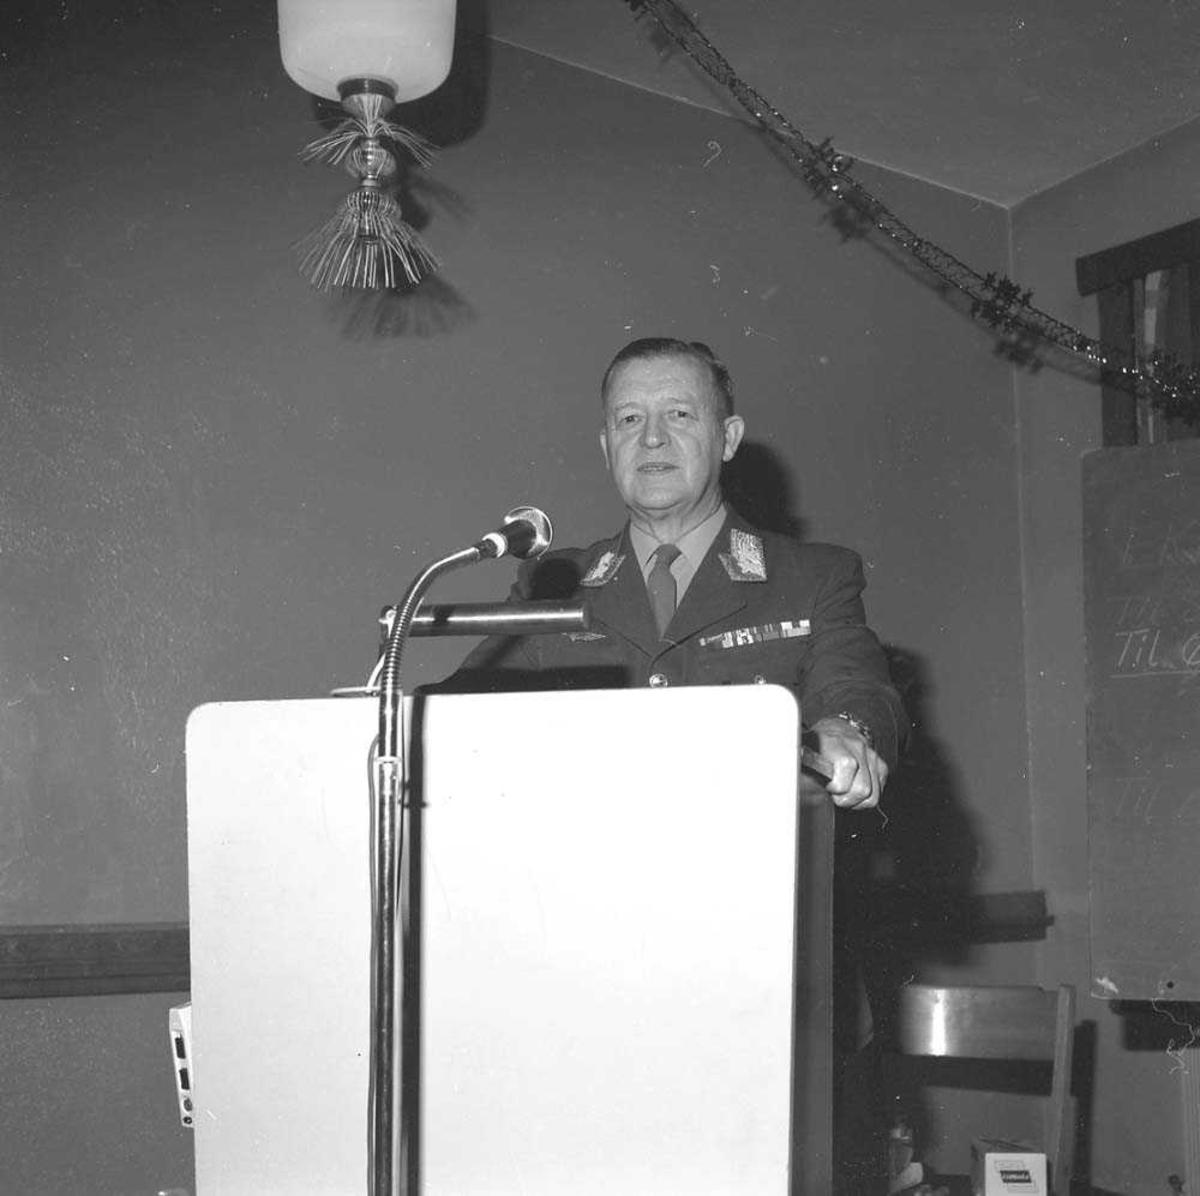 Øverstkommanderende for Nord-Norge (ØKN) Generalløytnant Sverre Ludvig Borgund Hamre holder tale på Bodø flystasjon.